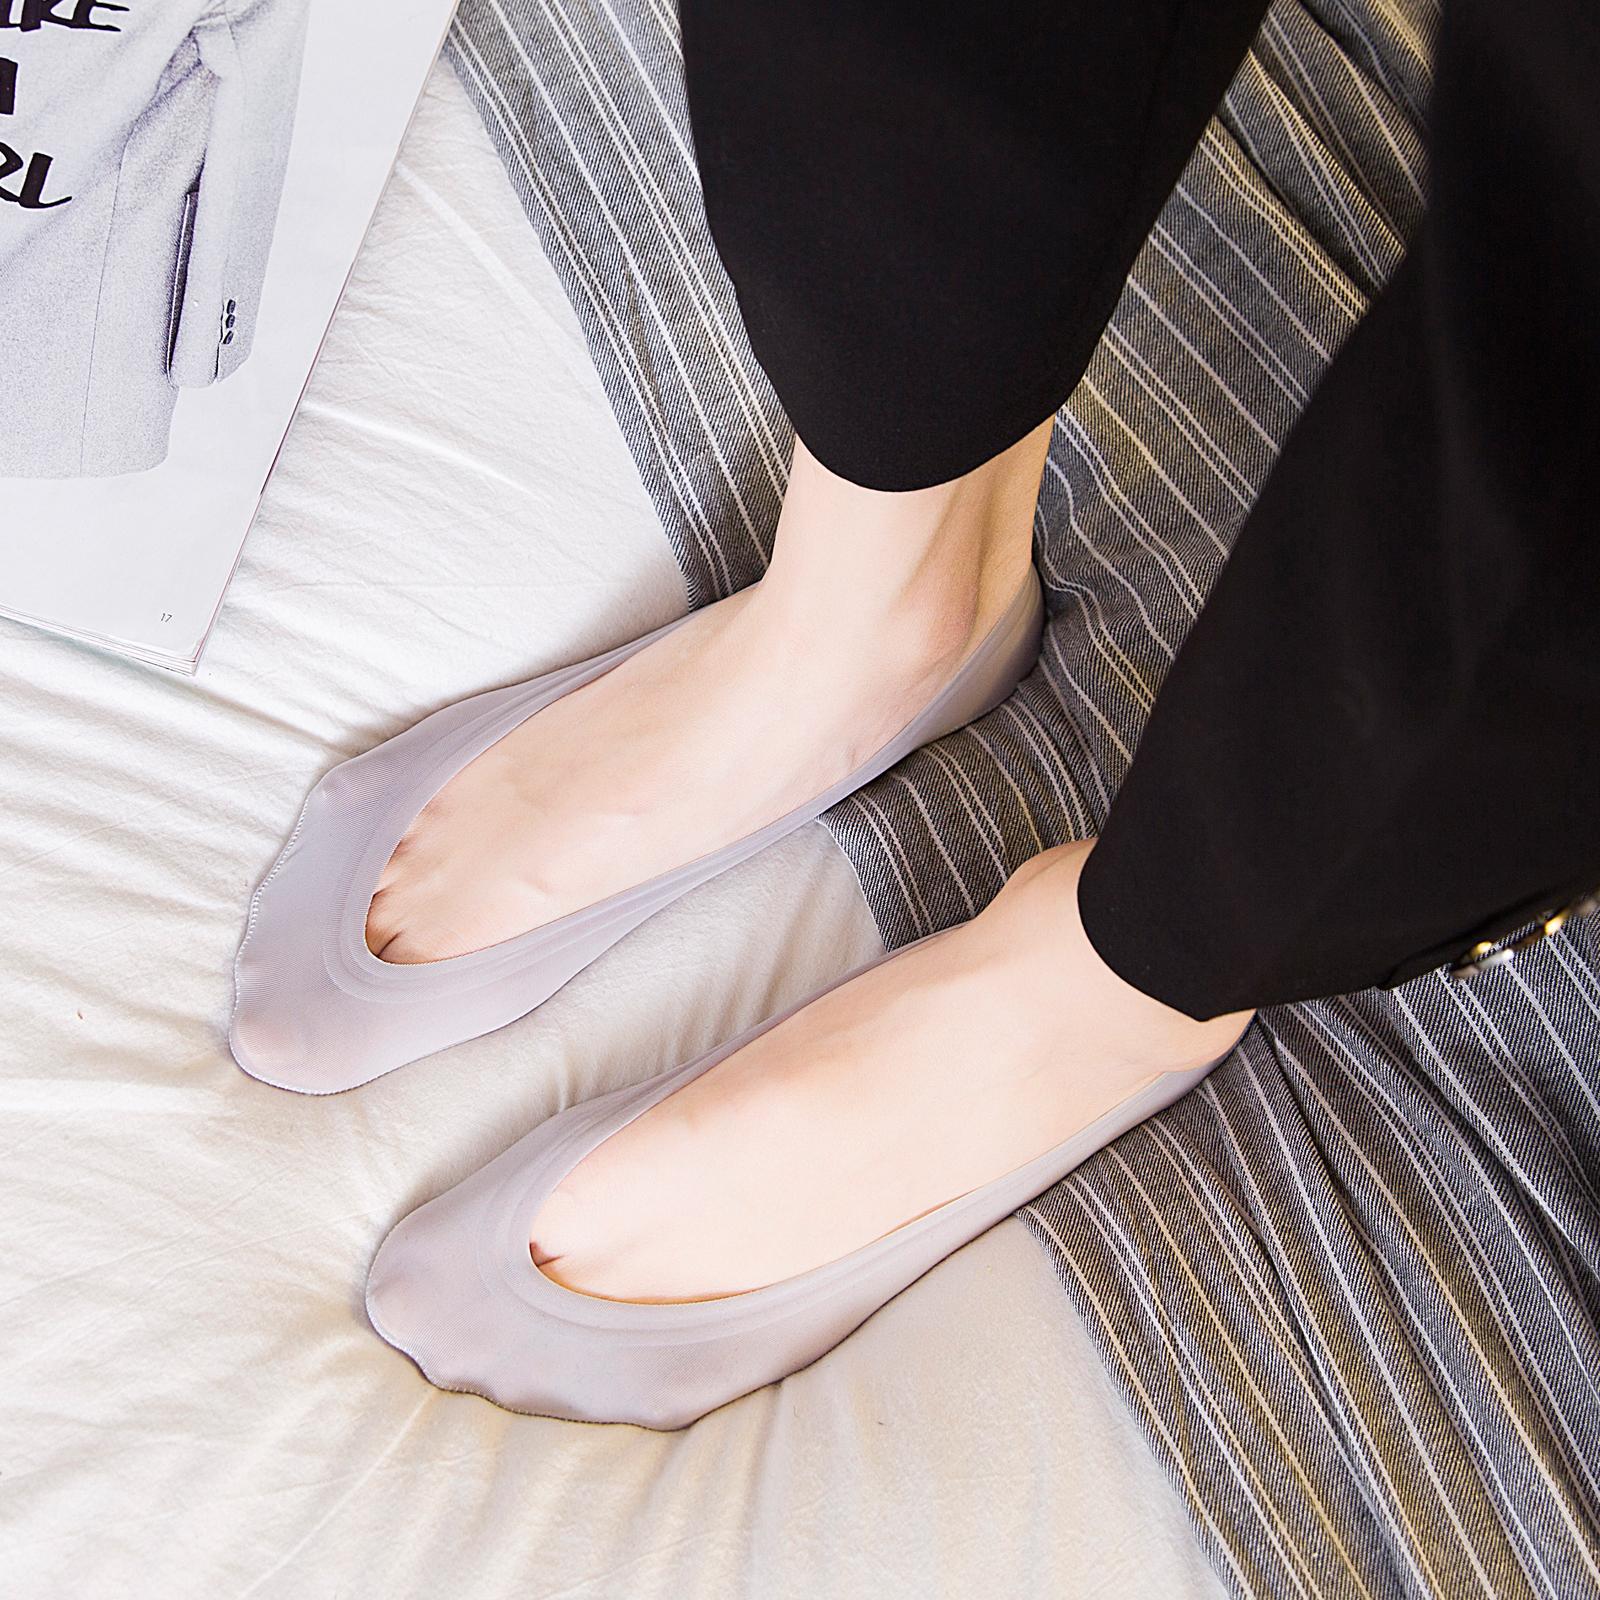 女士袜子夏季冰丝隐形袜船袜浅口硅胶防滑袜底纯棉薄款短袜不掉跟